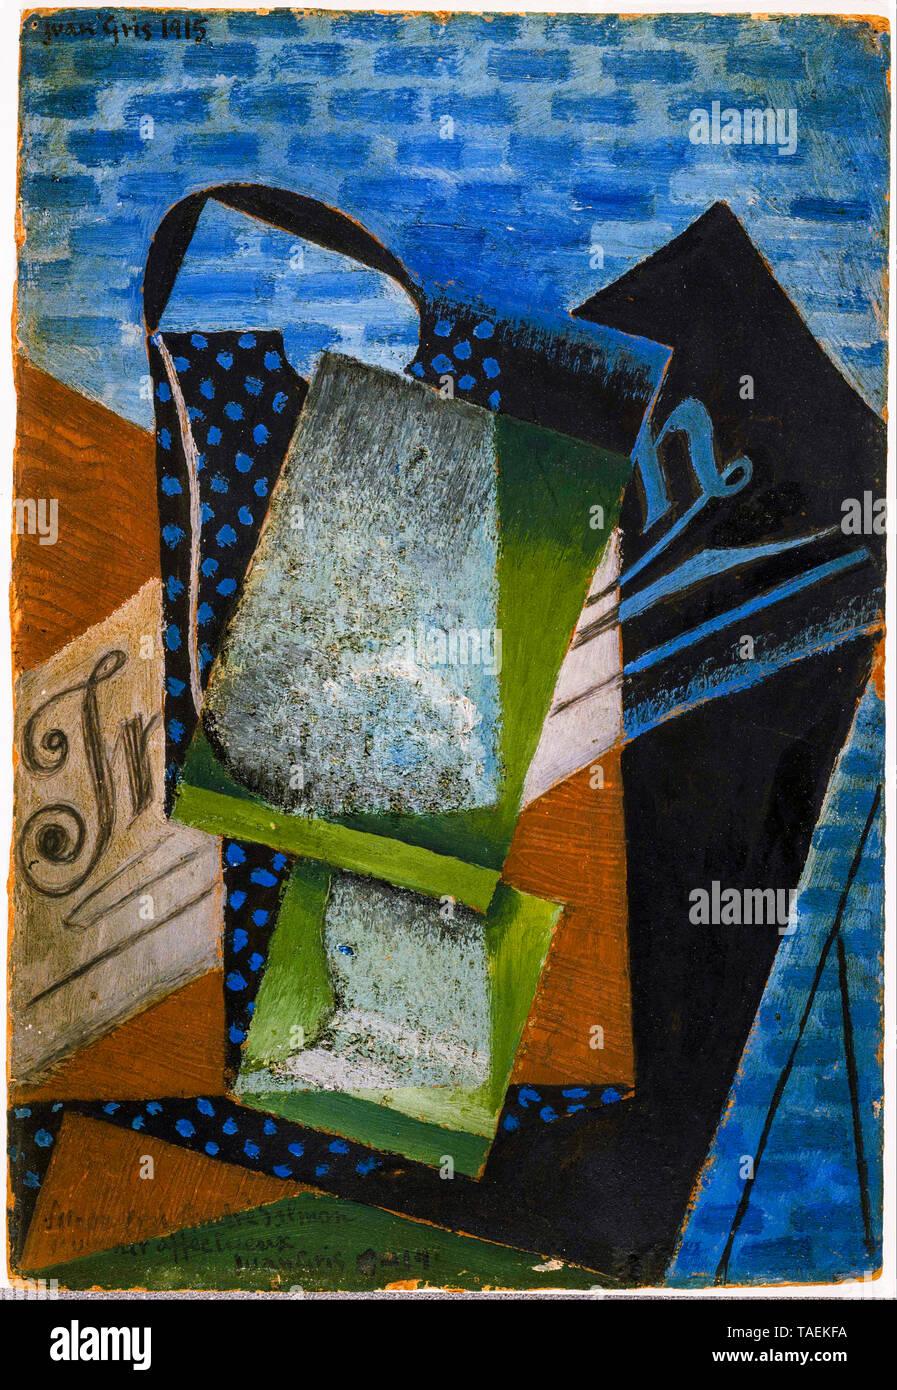 Juan Gris, la abstracción, la pintura abstracta, 1915 Imagen De Stock